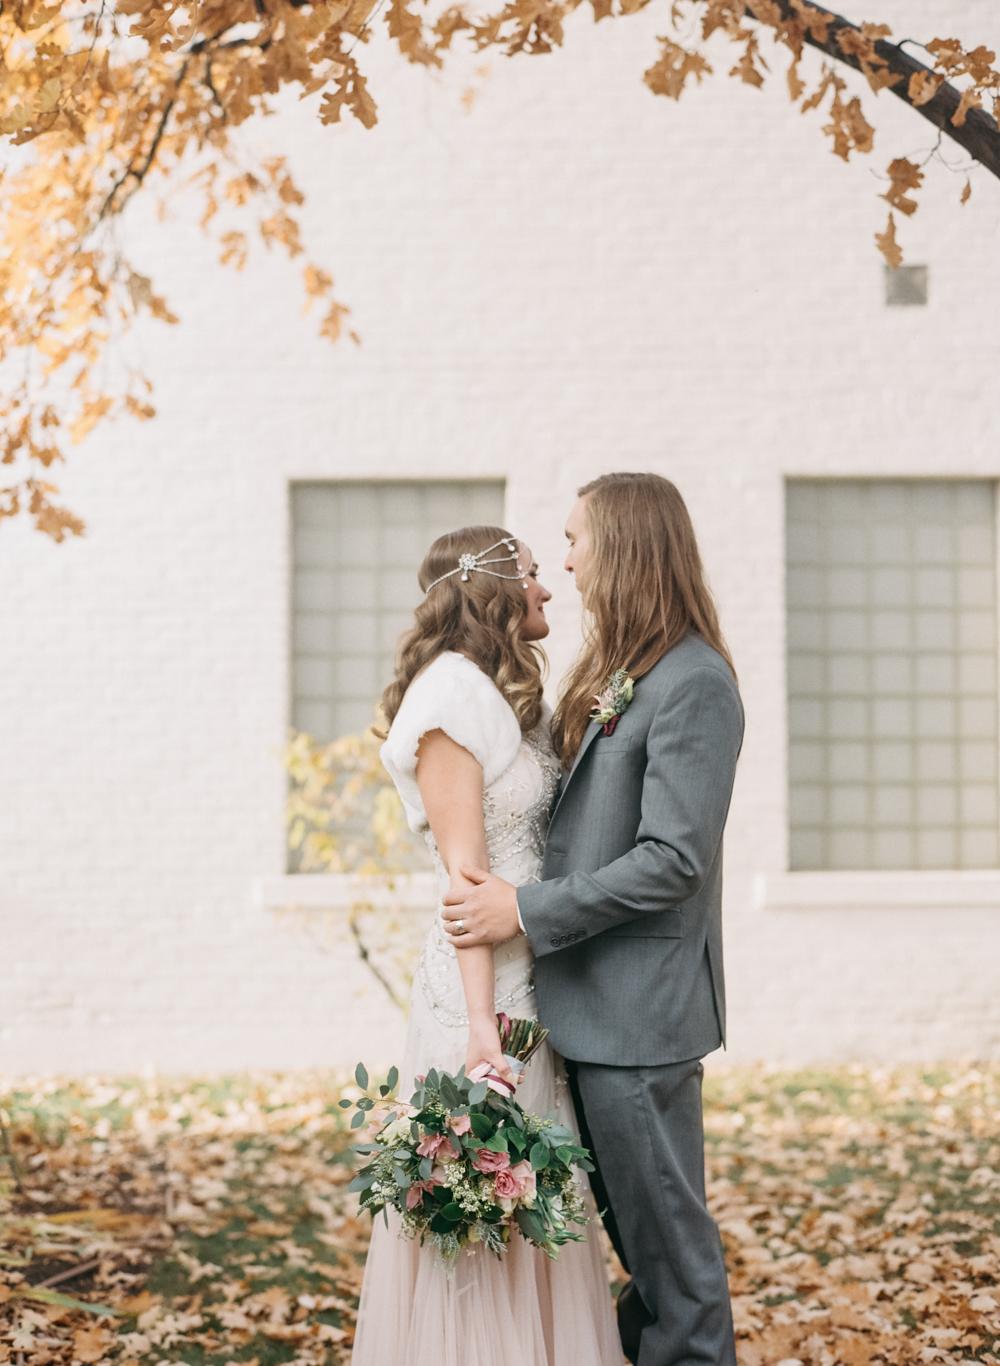 bardenay wedding venue boise-15.jpg